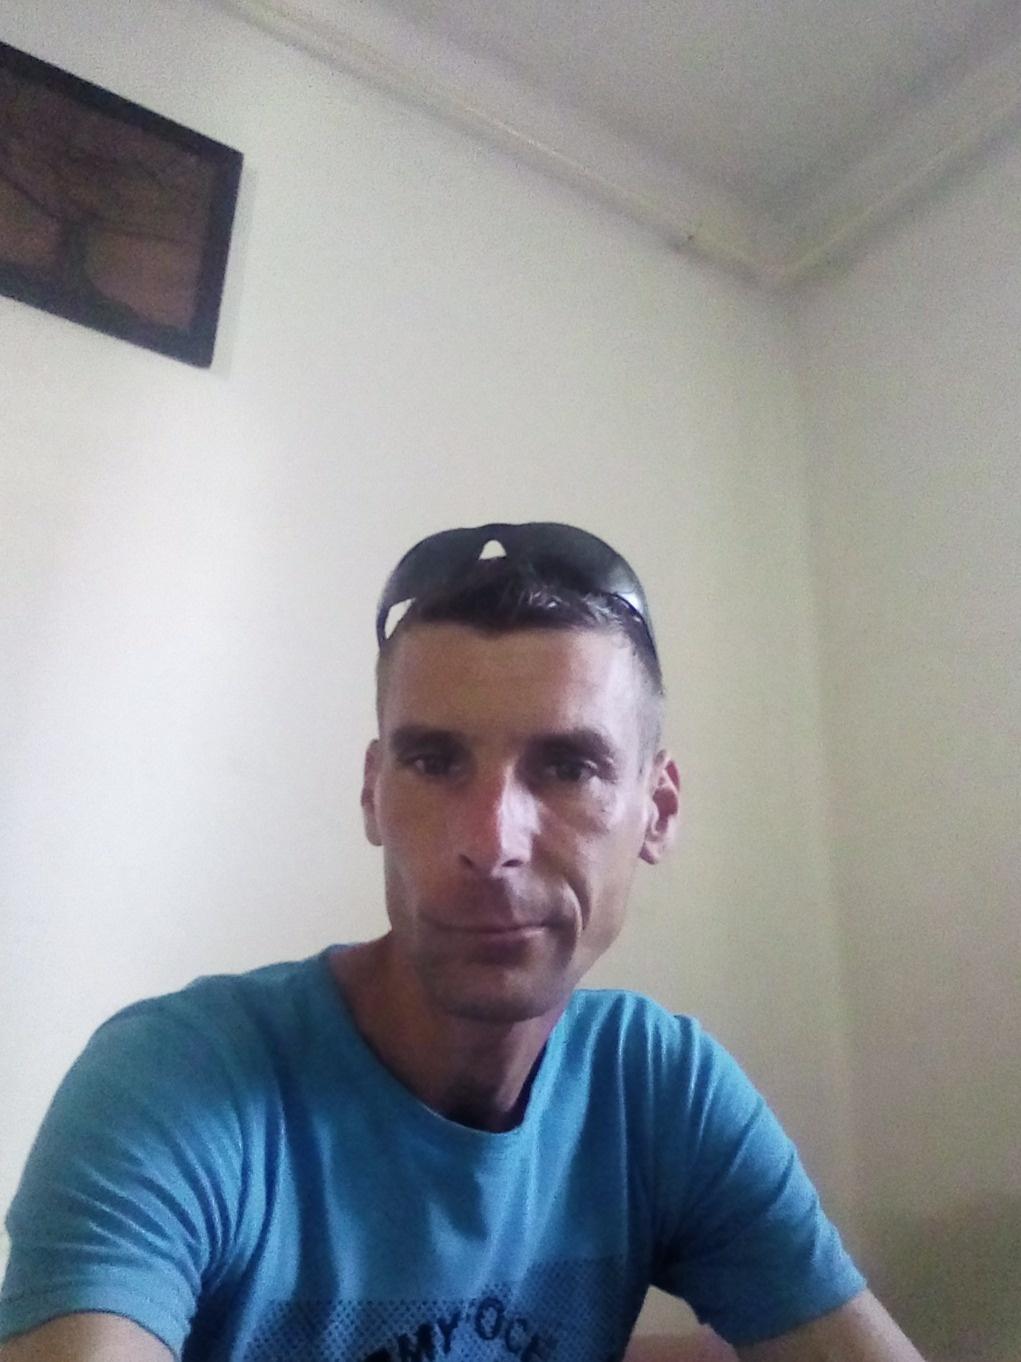 Elit társkereső ügynökség Dél-Afrikában